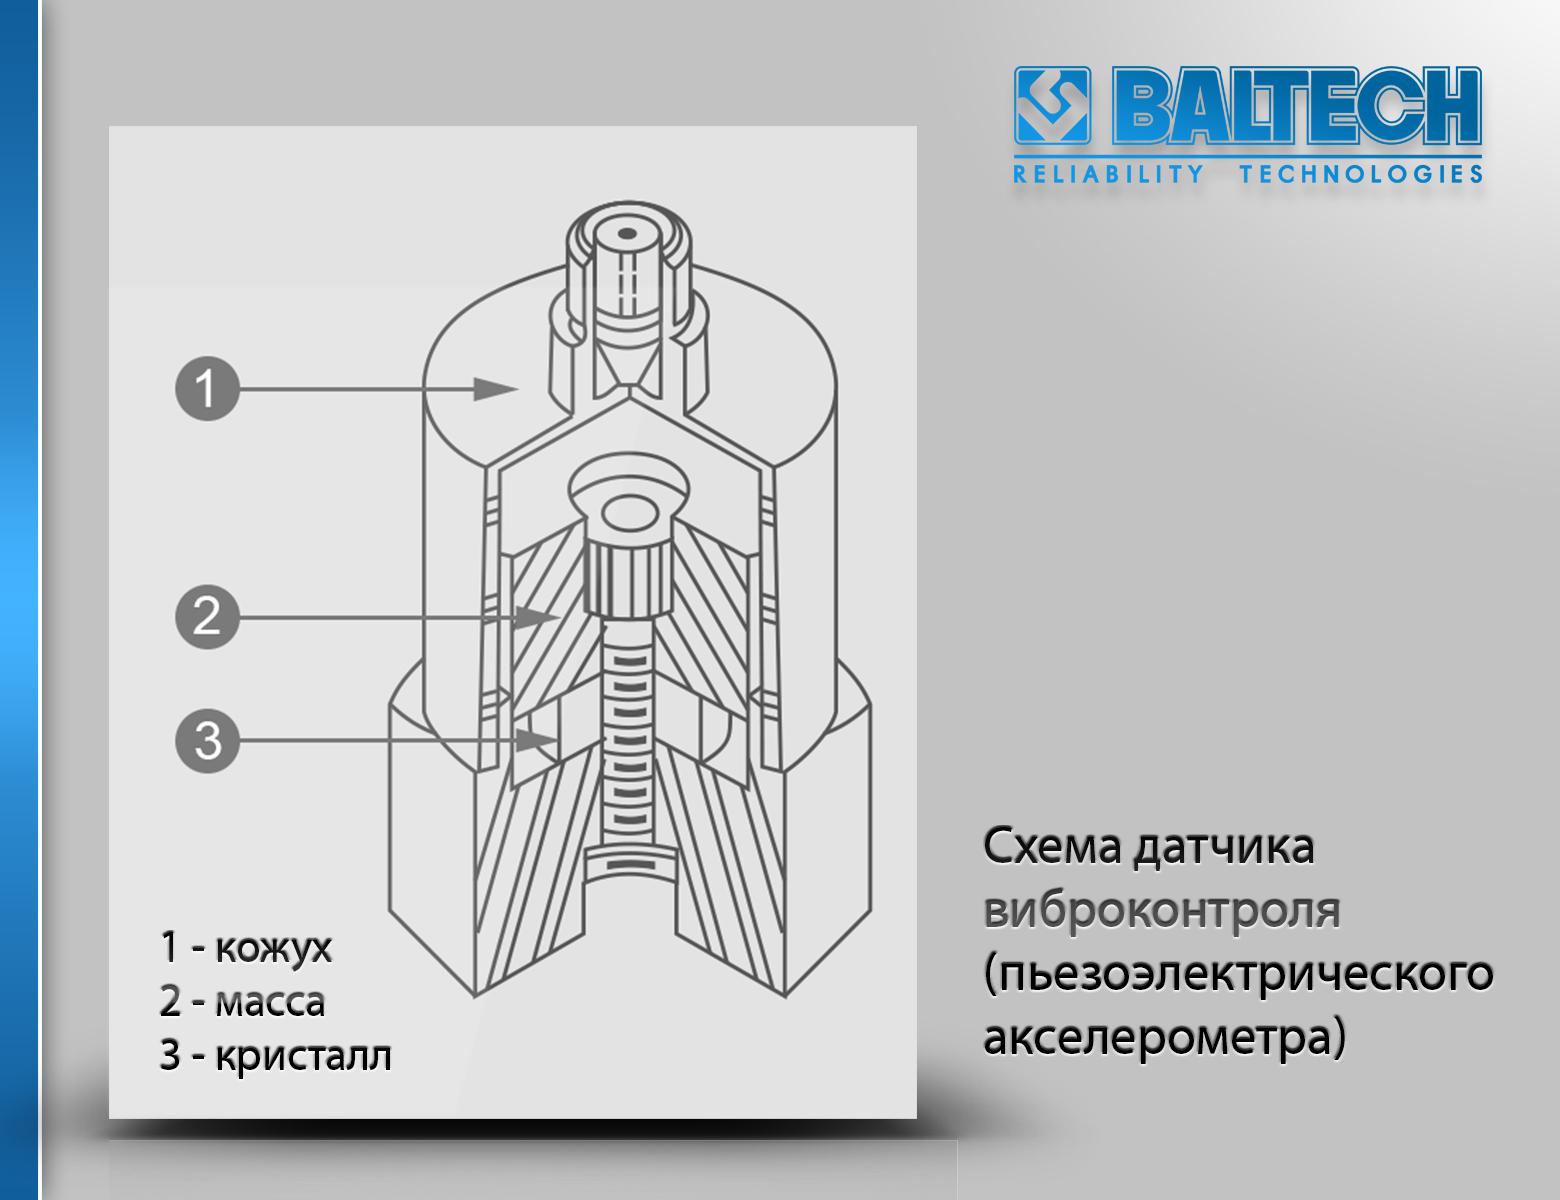 Датчики вибрации, датчик для виброконтроля (пьезоэлектрический акселерометр)